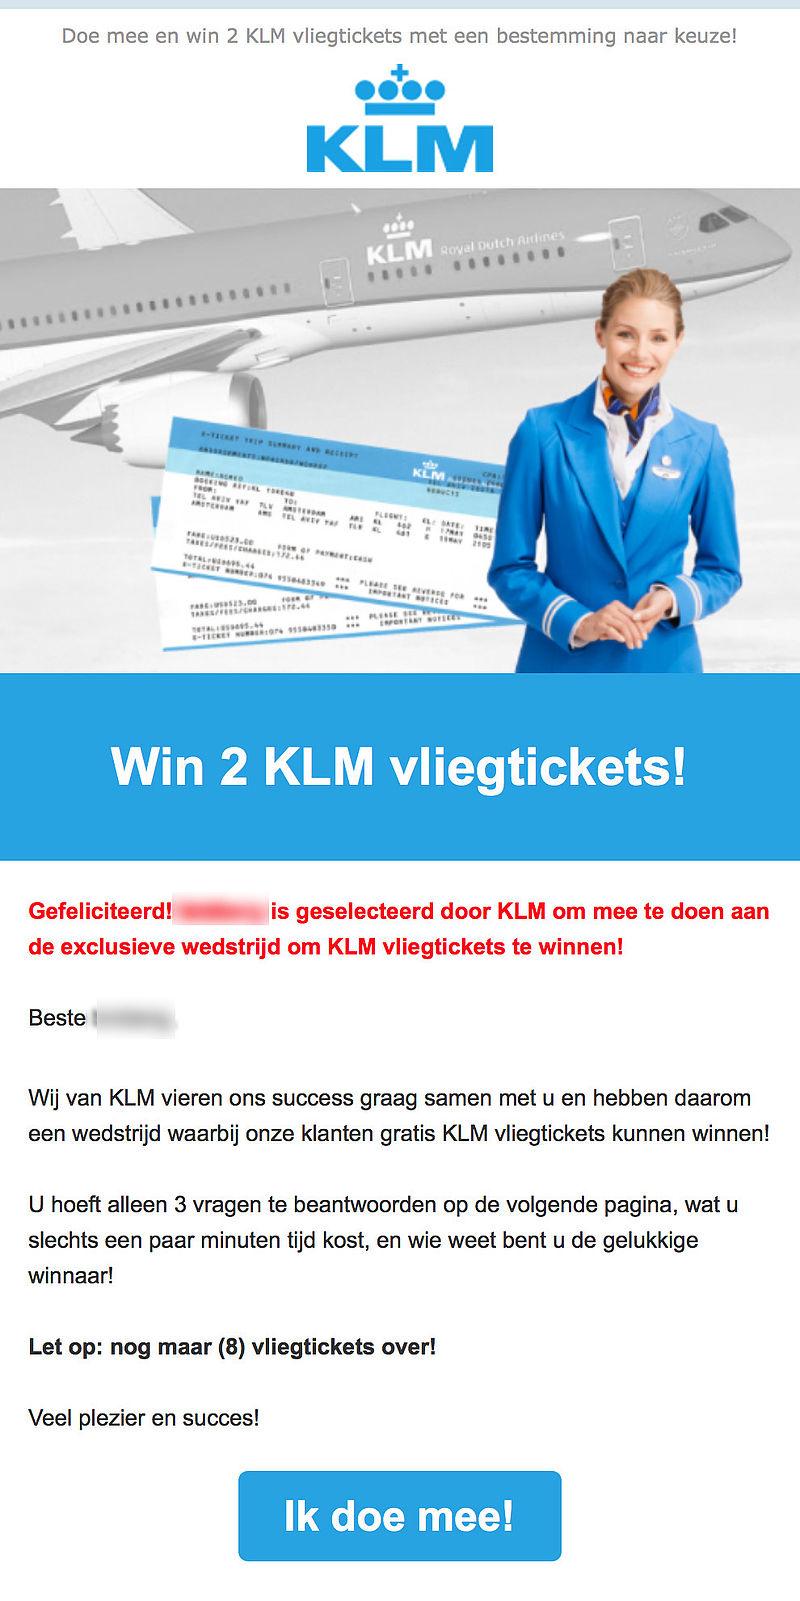 Laat je niet misleiden door winactie 'KLM'